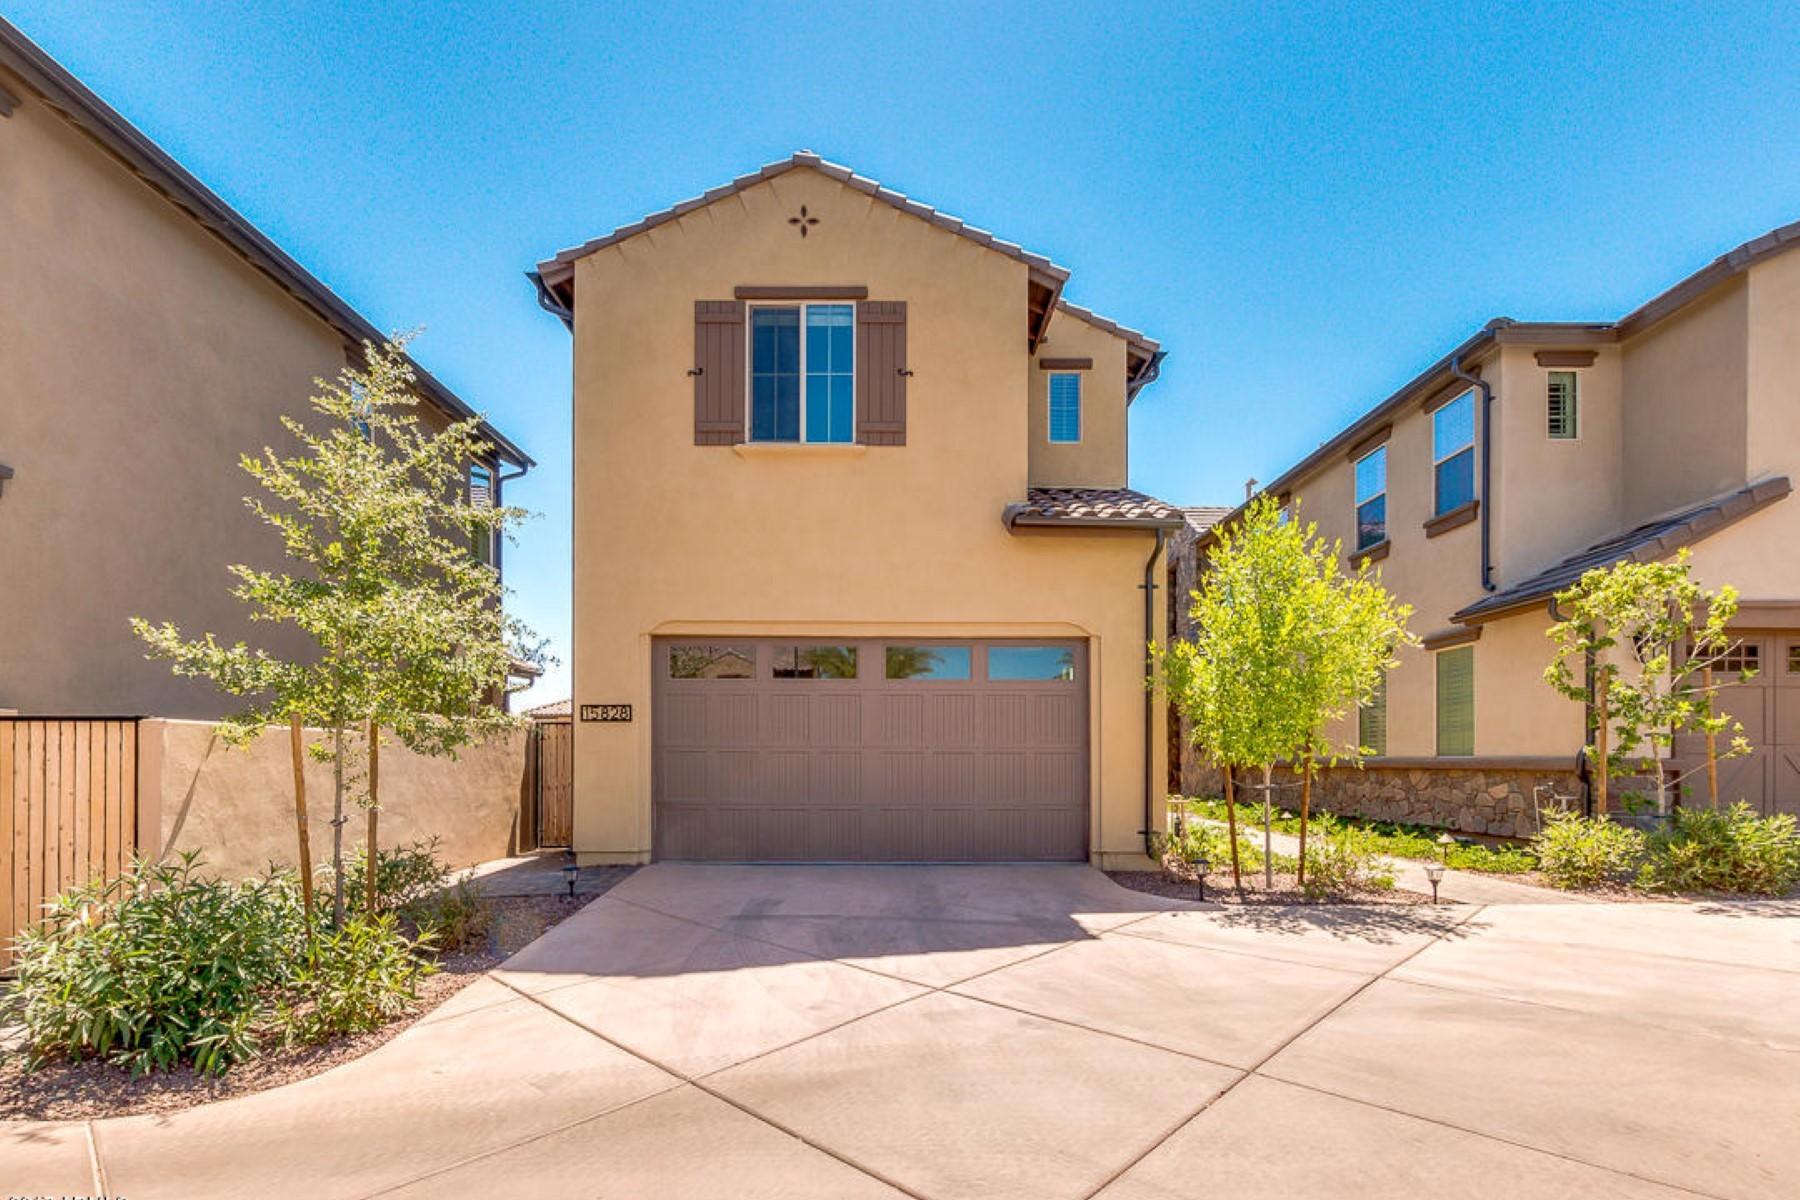 Maison unifamiliale pour l Vente à Resort style living with stunning views 15828 S 12th Way Phoenix, Arizona, 85048 États-Unis